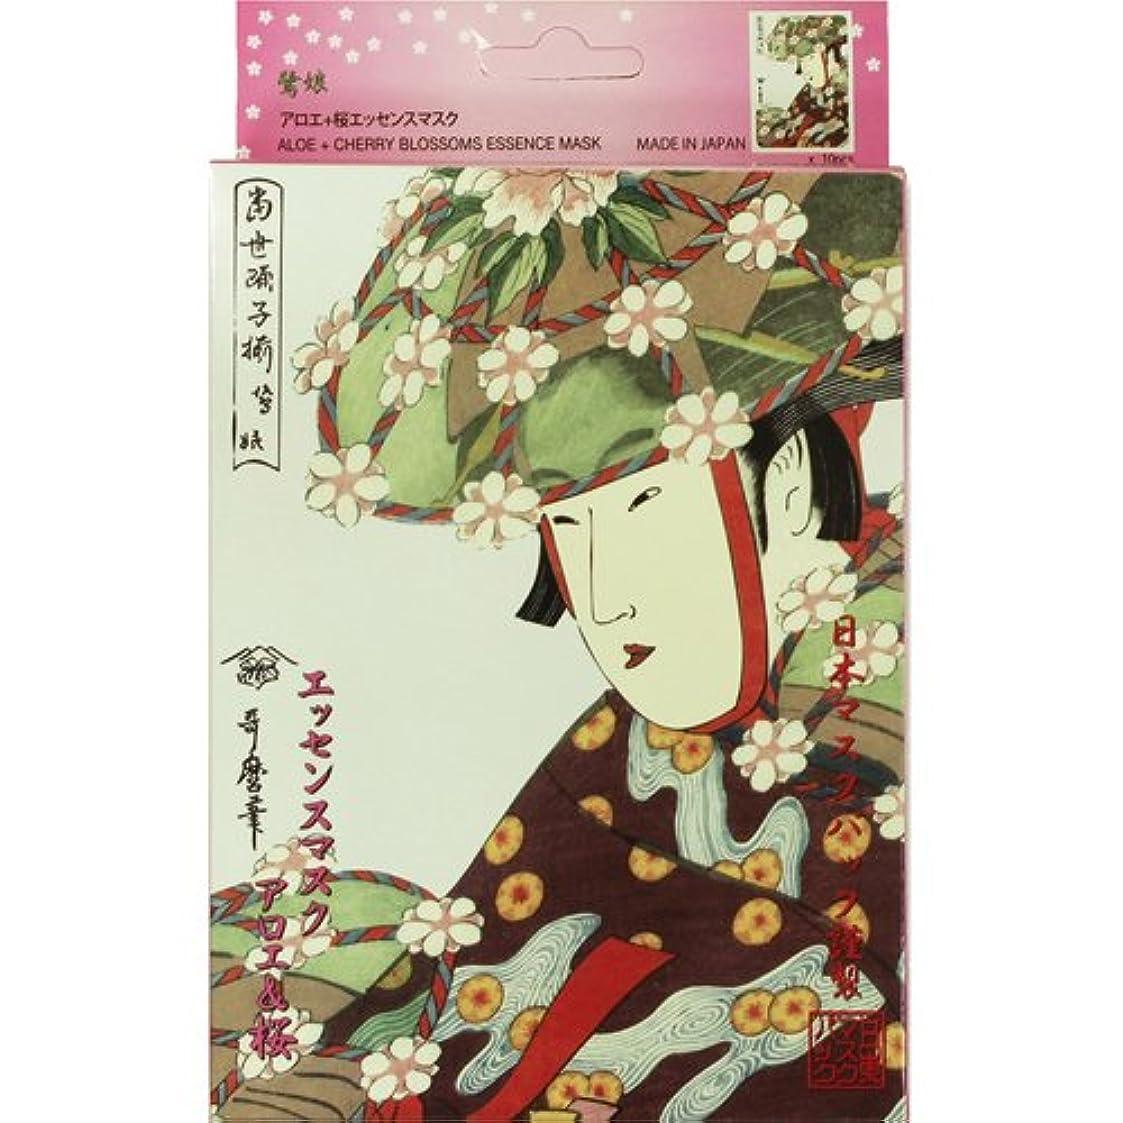 知事黄ばむ微視的エッセンスマスク アロエ+桜10枚